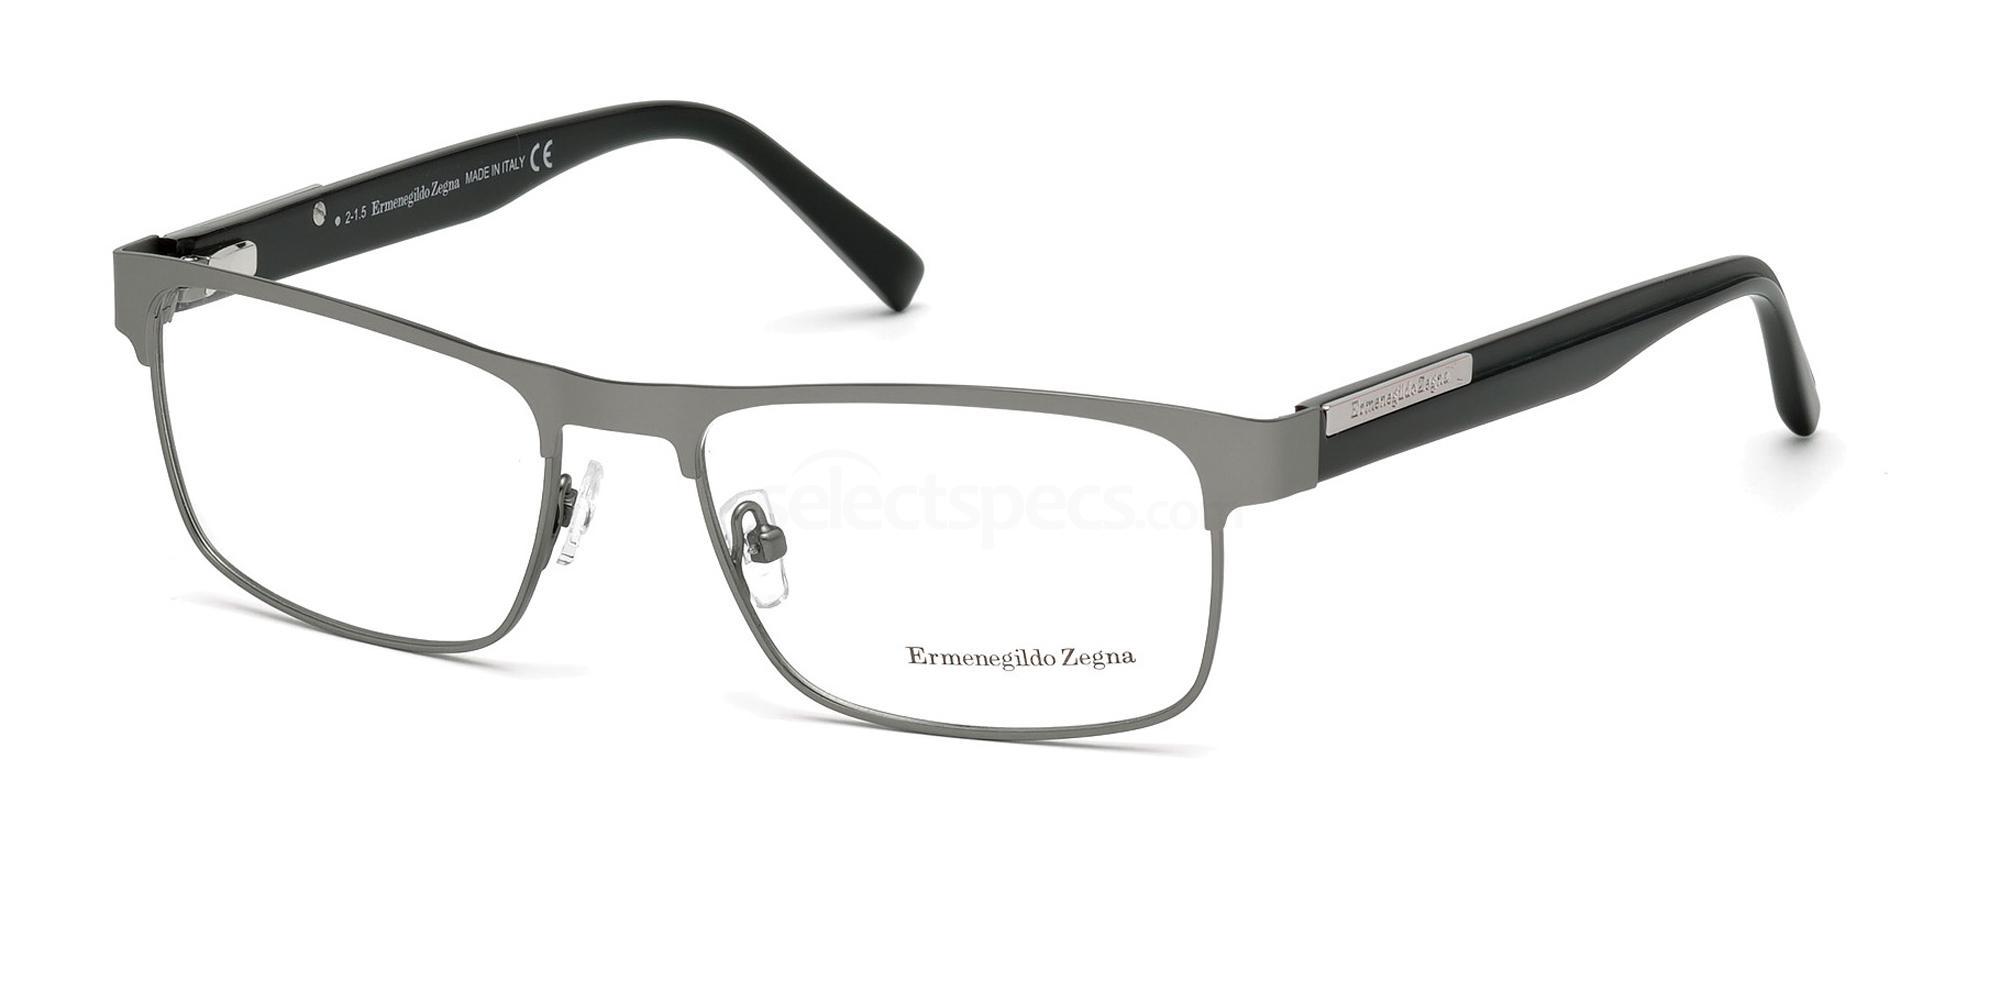 015 EZ5031 Glasses, Ermenegildo Zegna